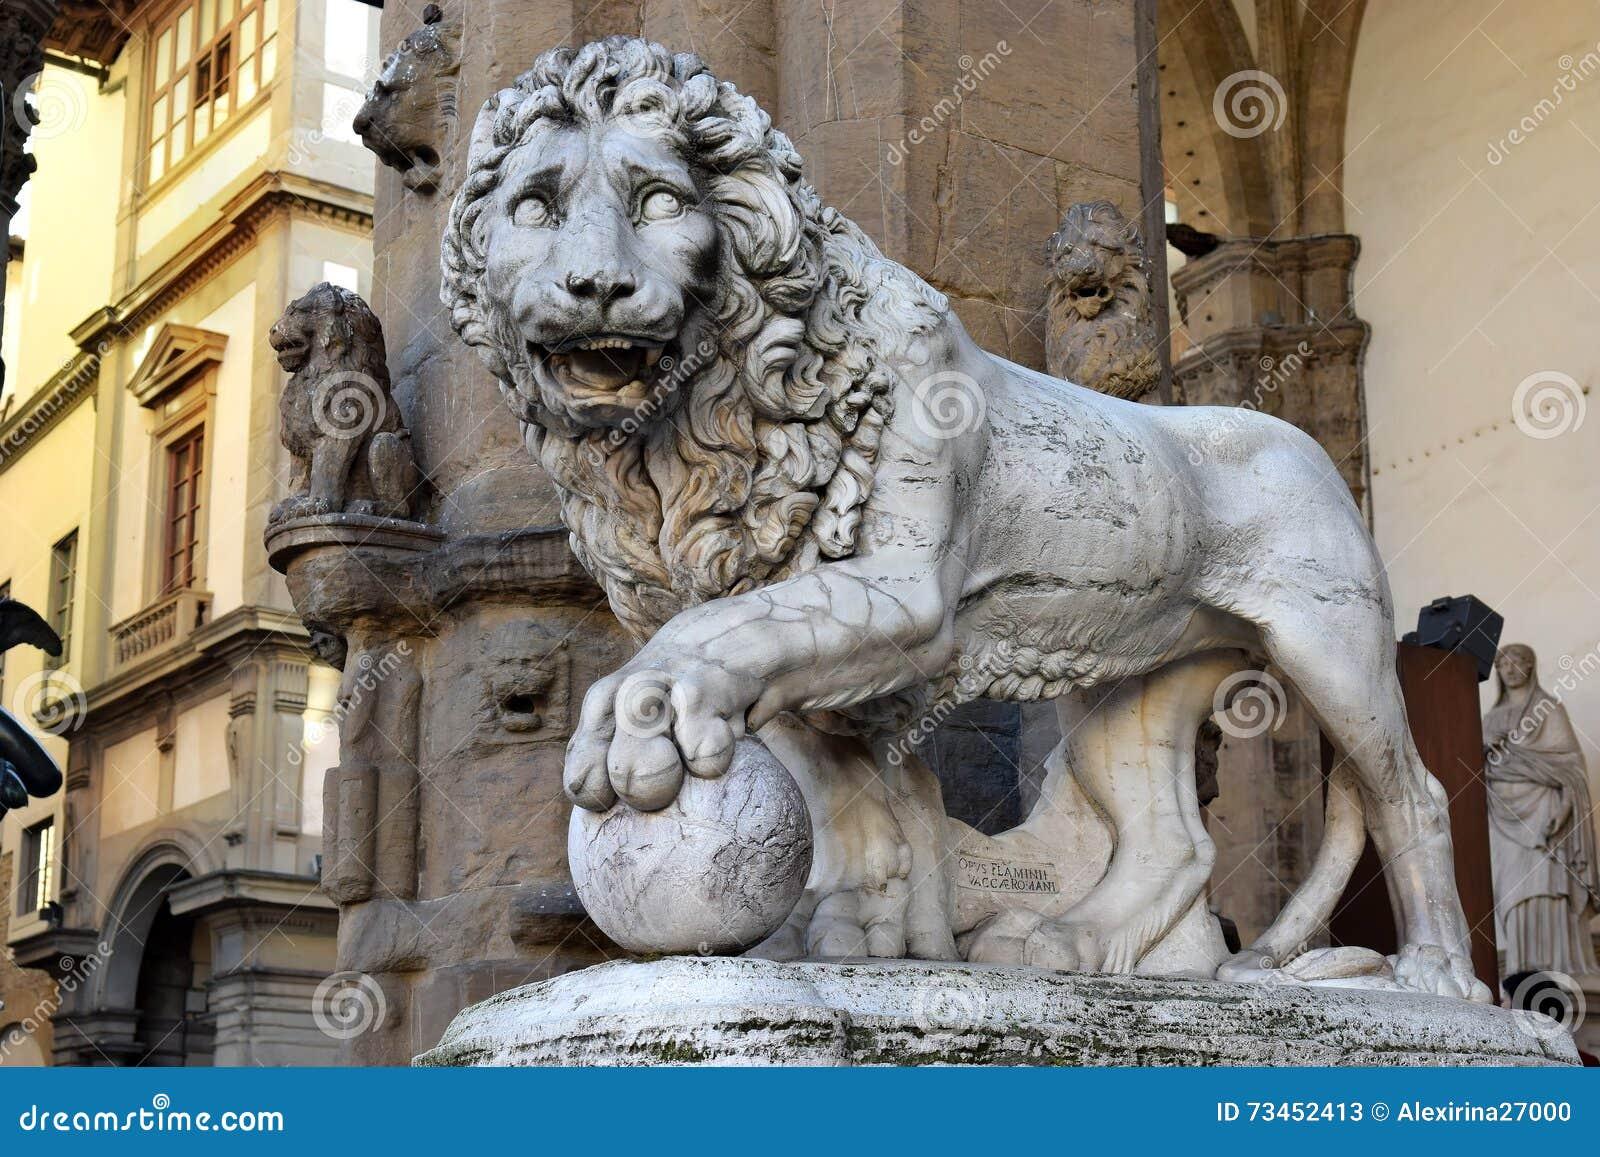 Sculpture of lion, Loggia dei Lanzi, Florence, Italy